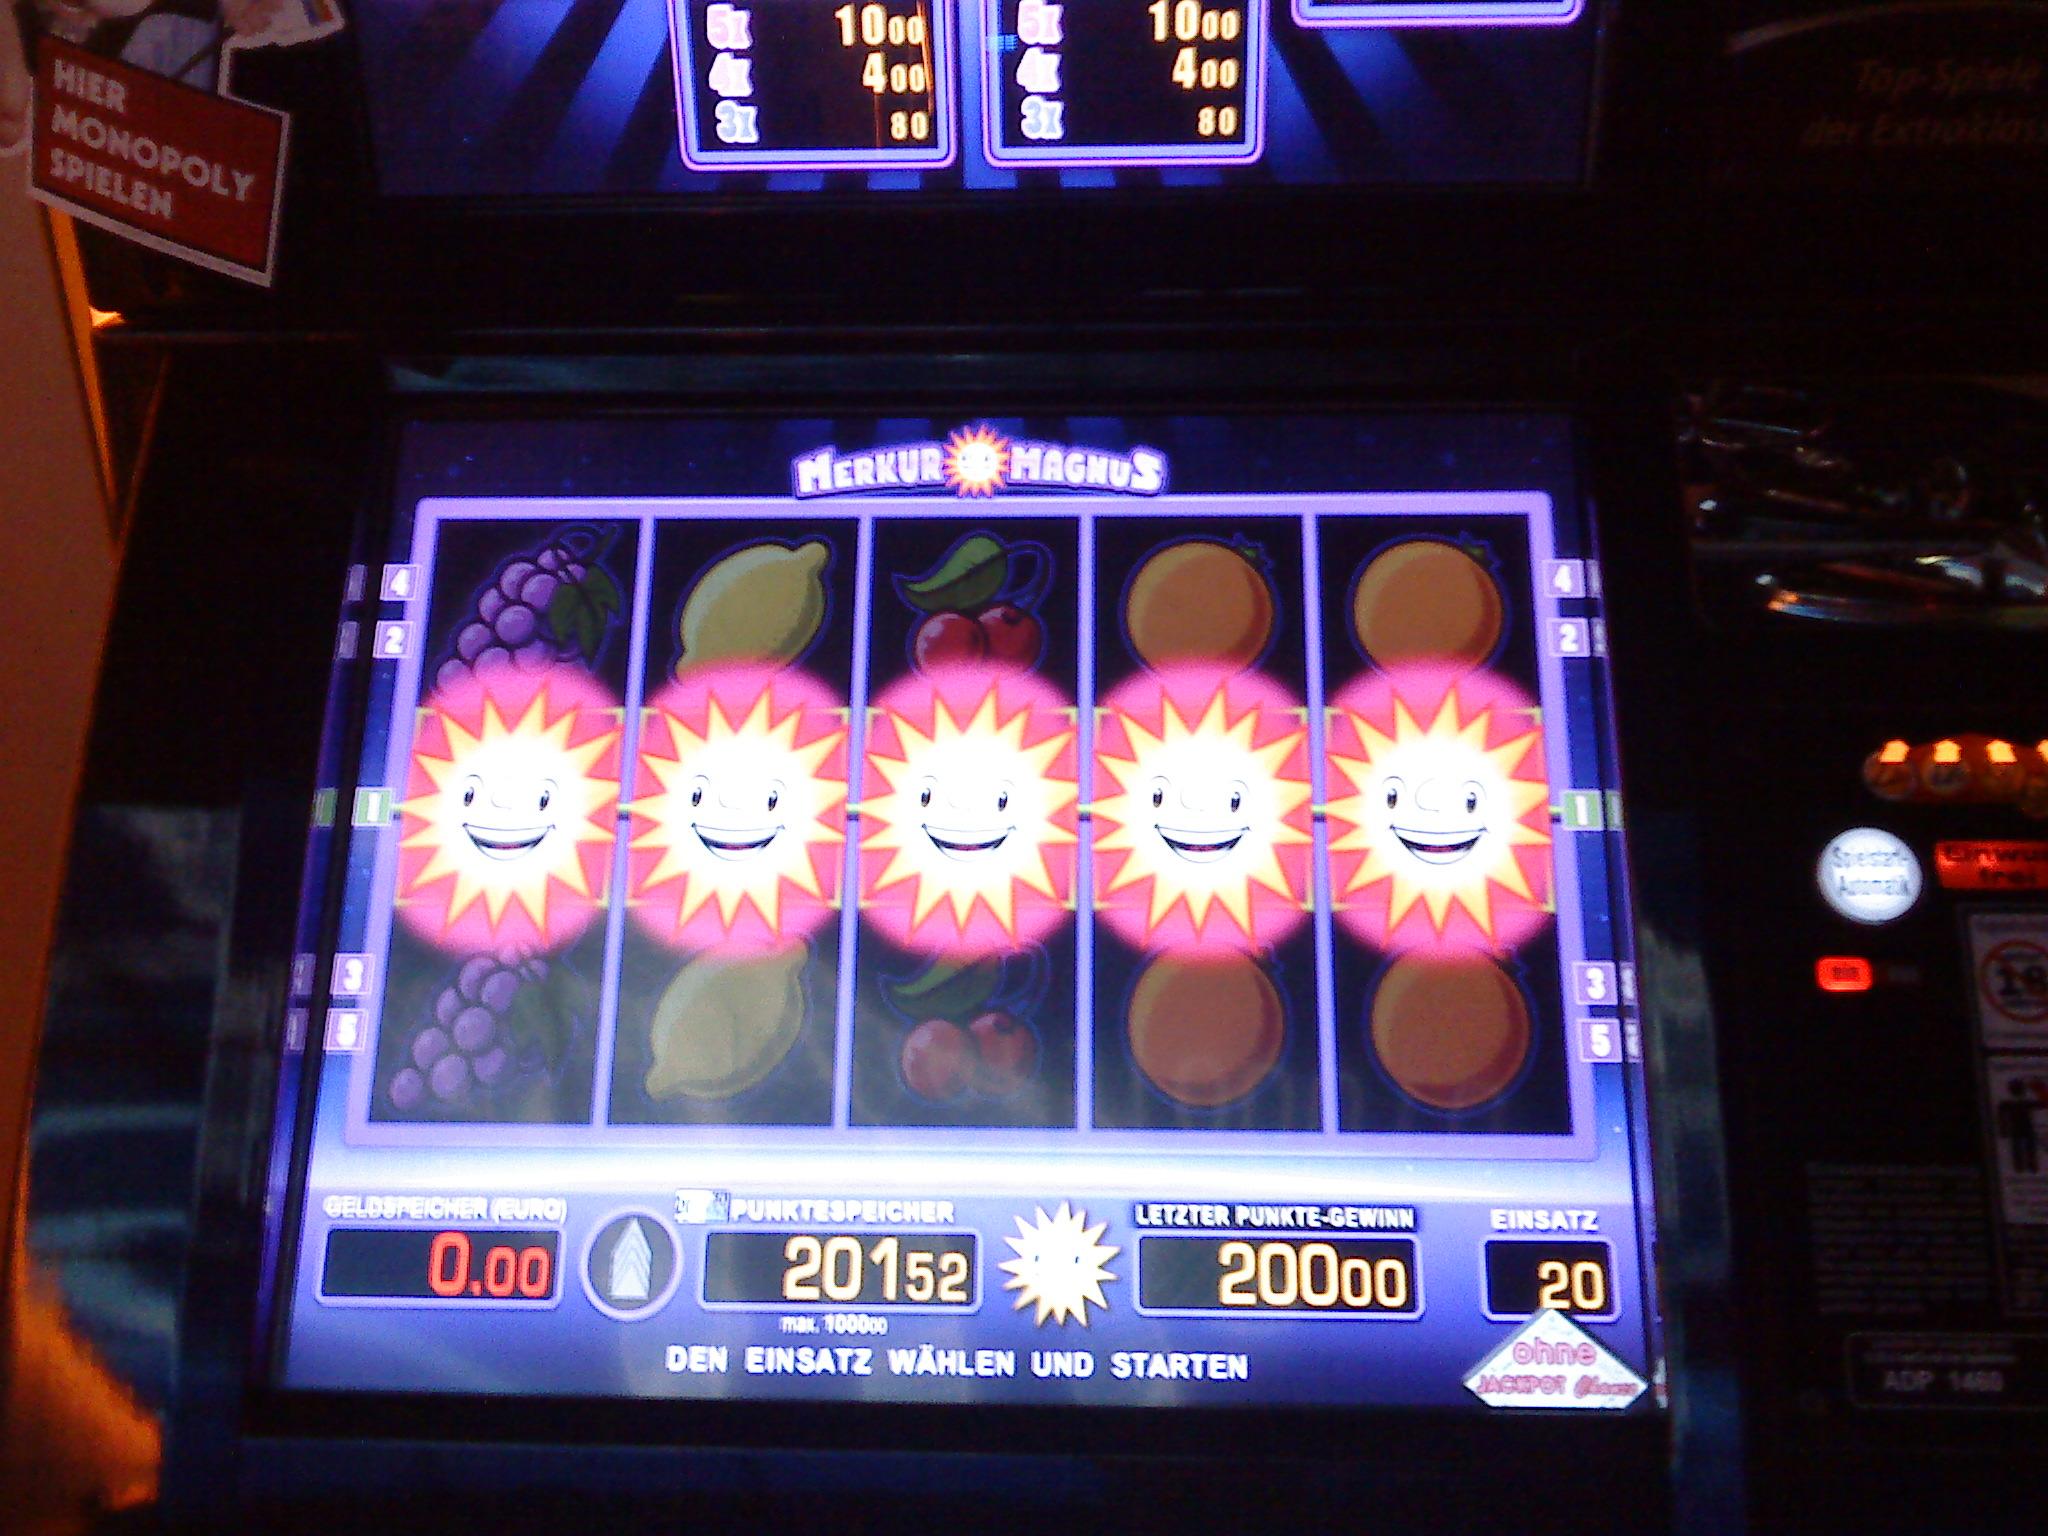 merkur online casino google ocean kostenlos downloaden